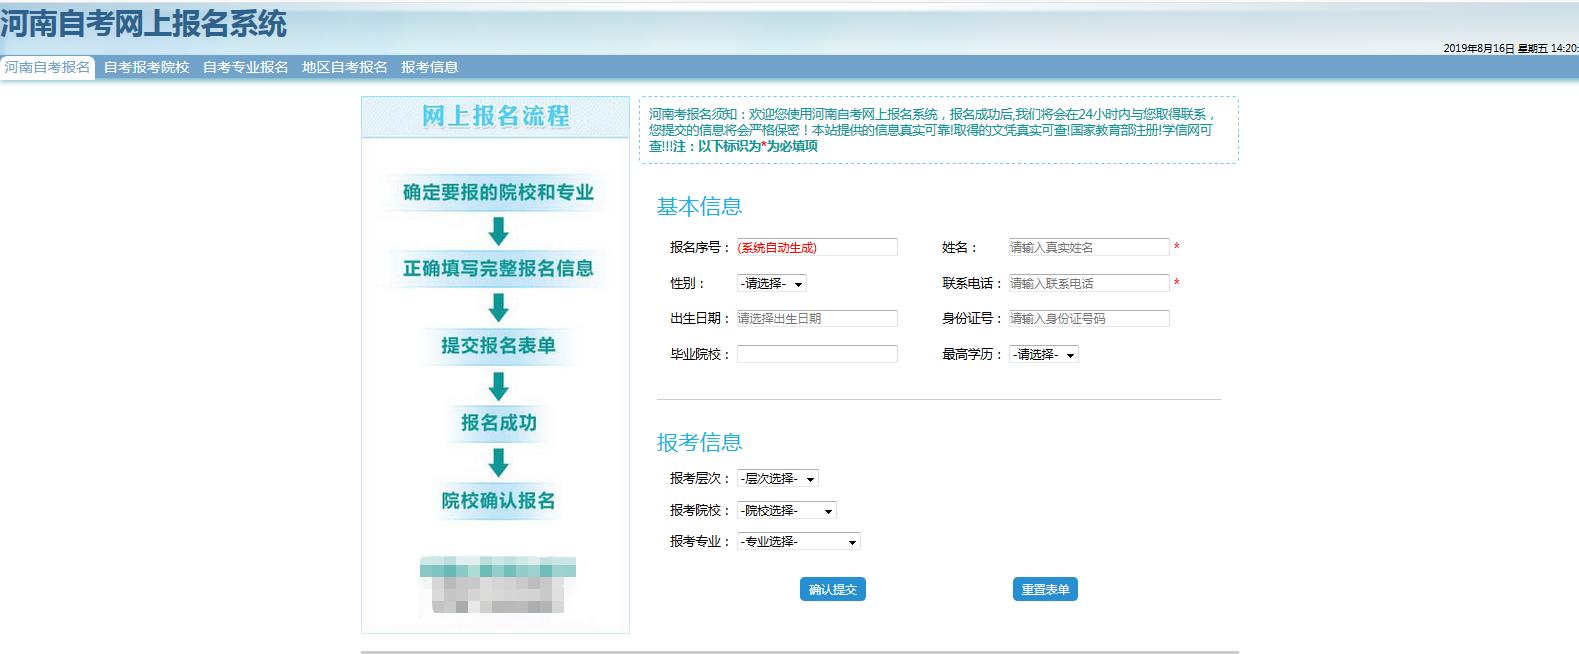 河南自学考试的考生在百度上搜索河南自考网上报名系统(http://hen.